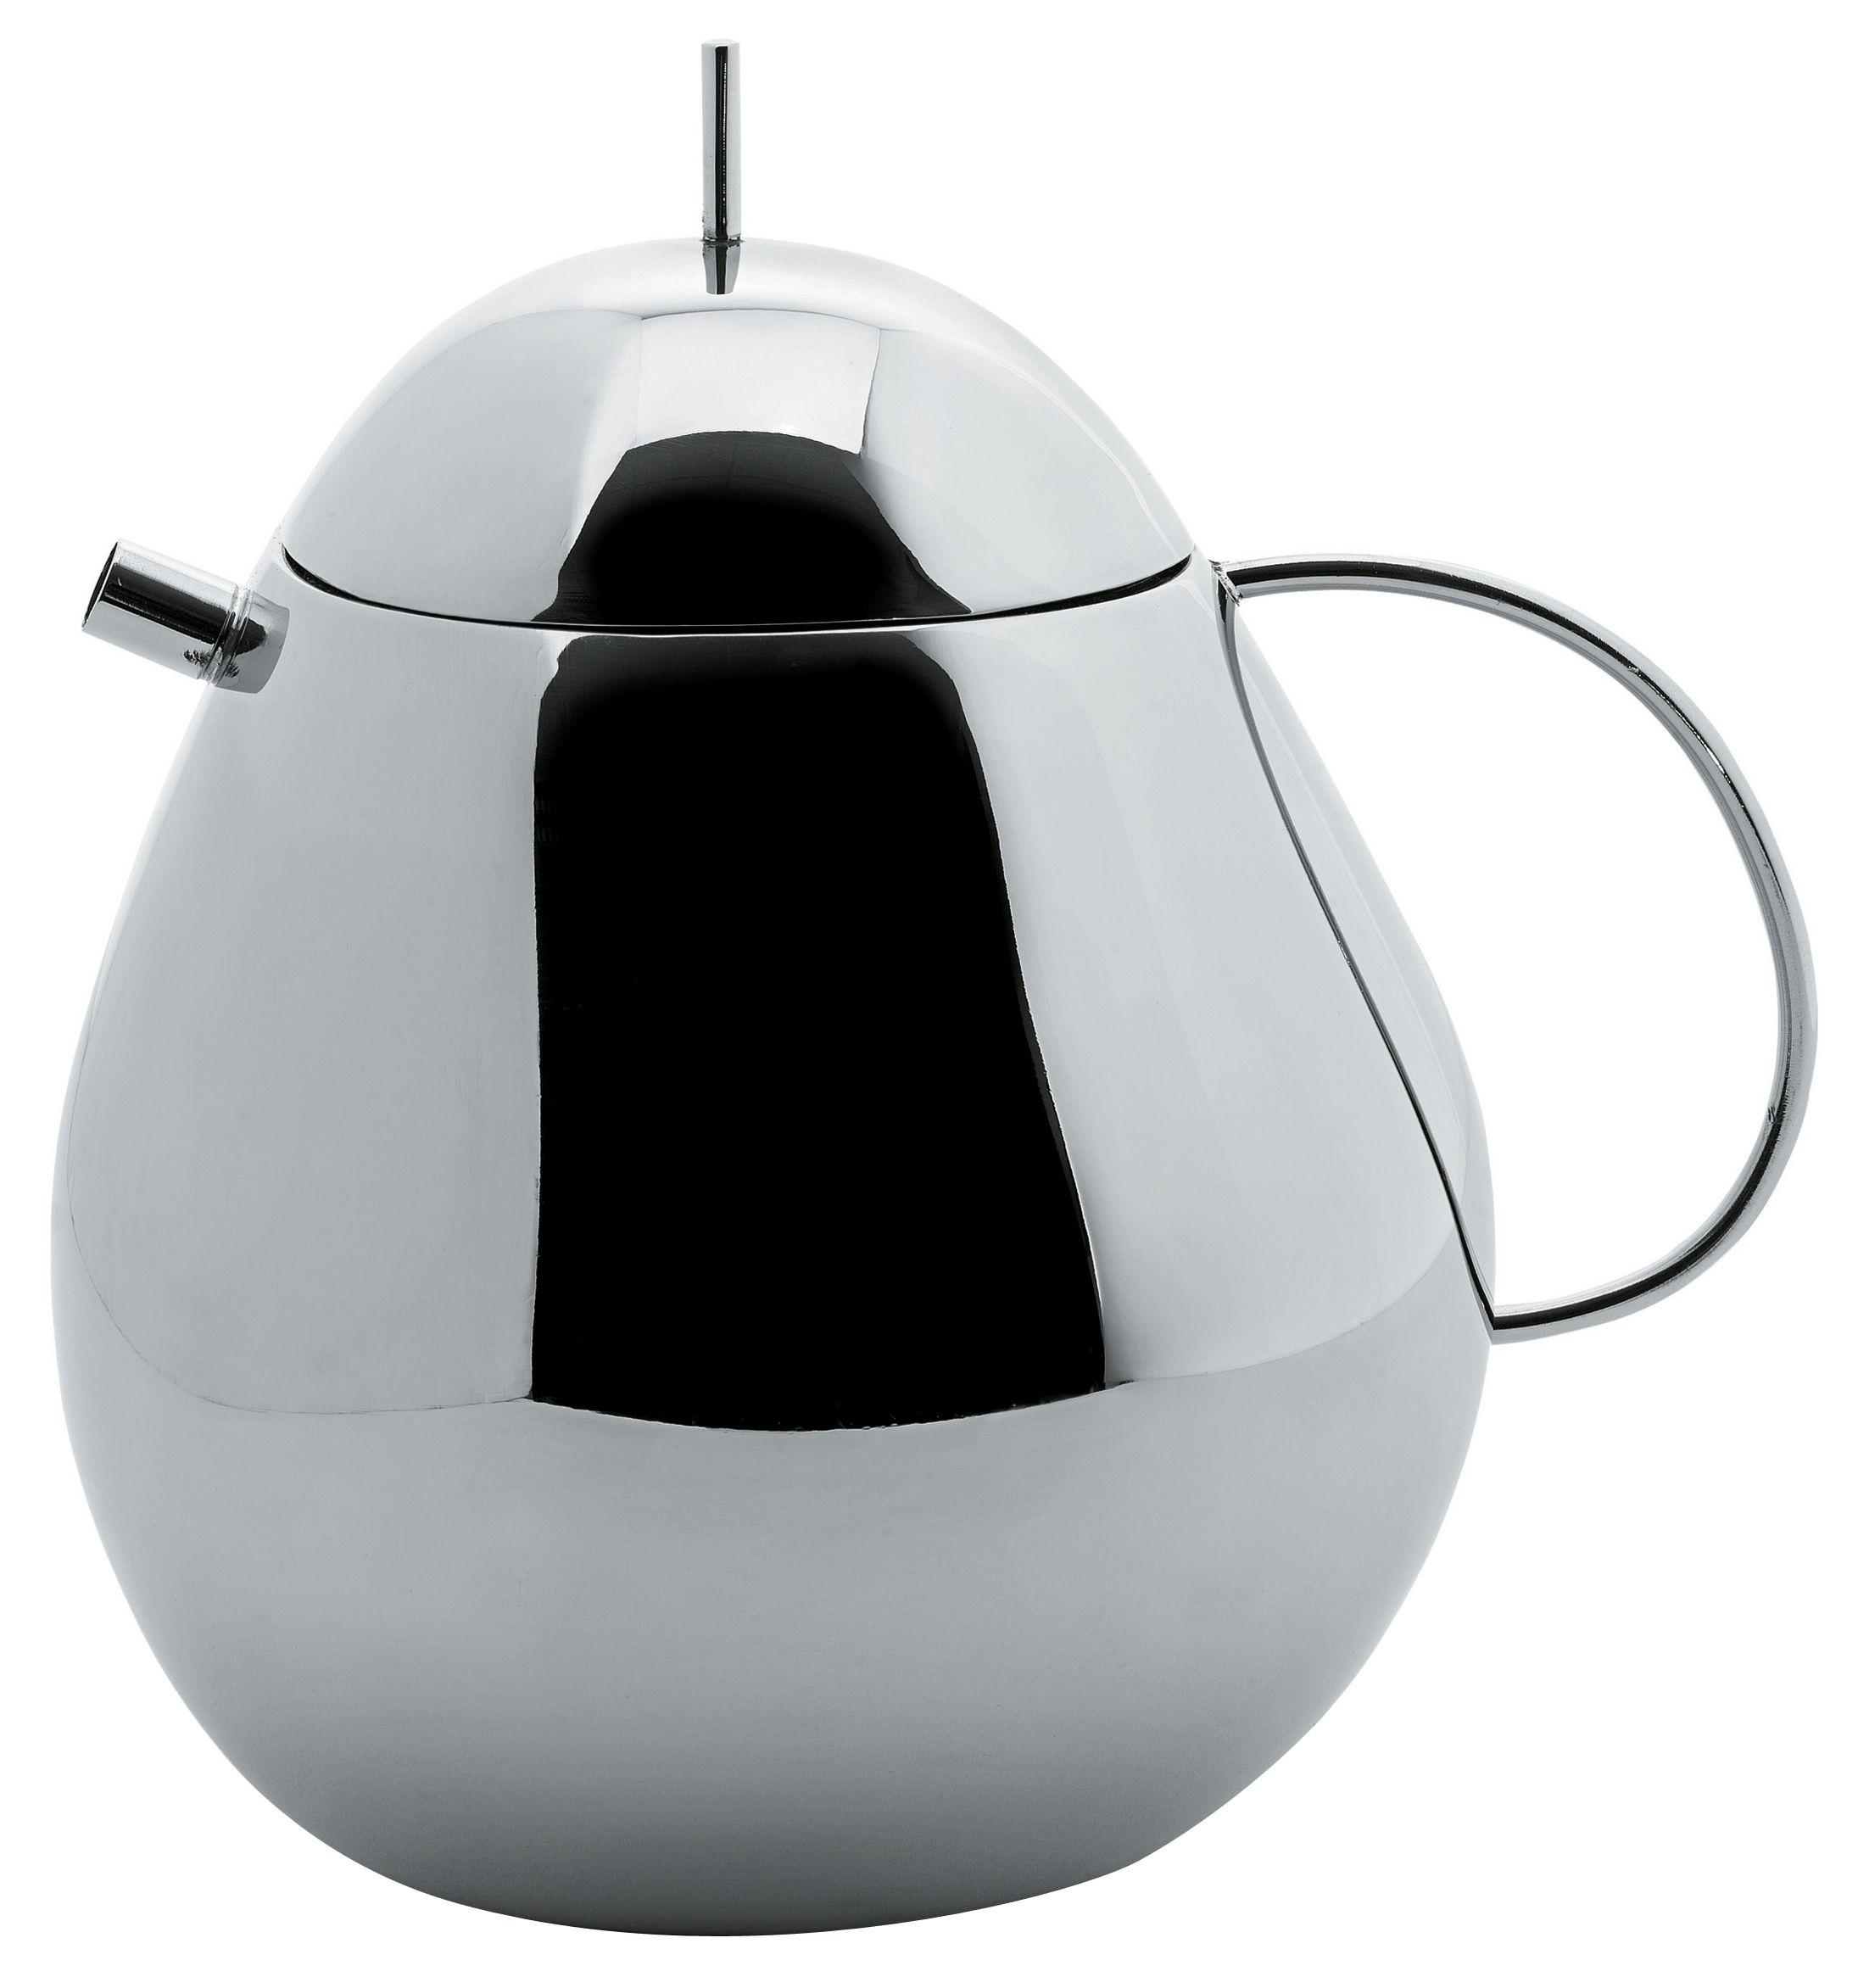 Tischkultur - Tee und Kaffee - Fruit basket Teekanne - Alessi - Stahl - rostfreier Stahl